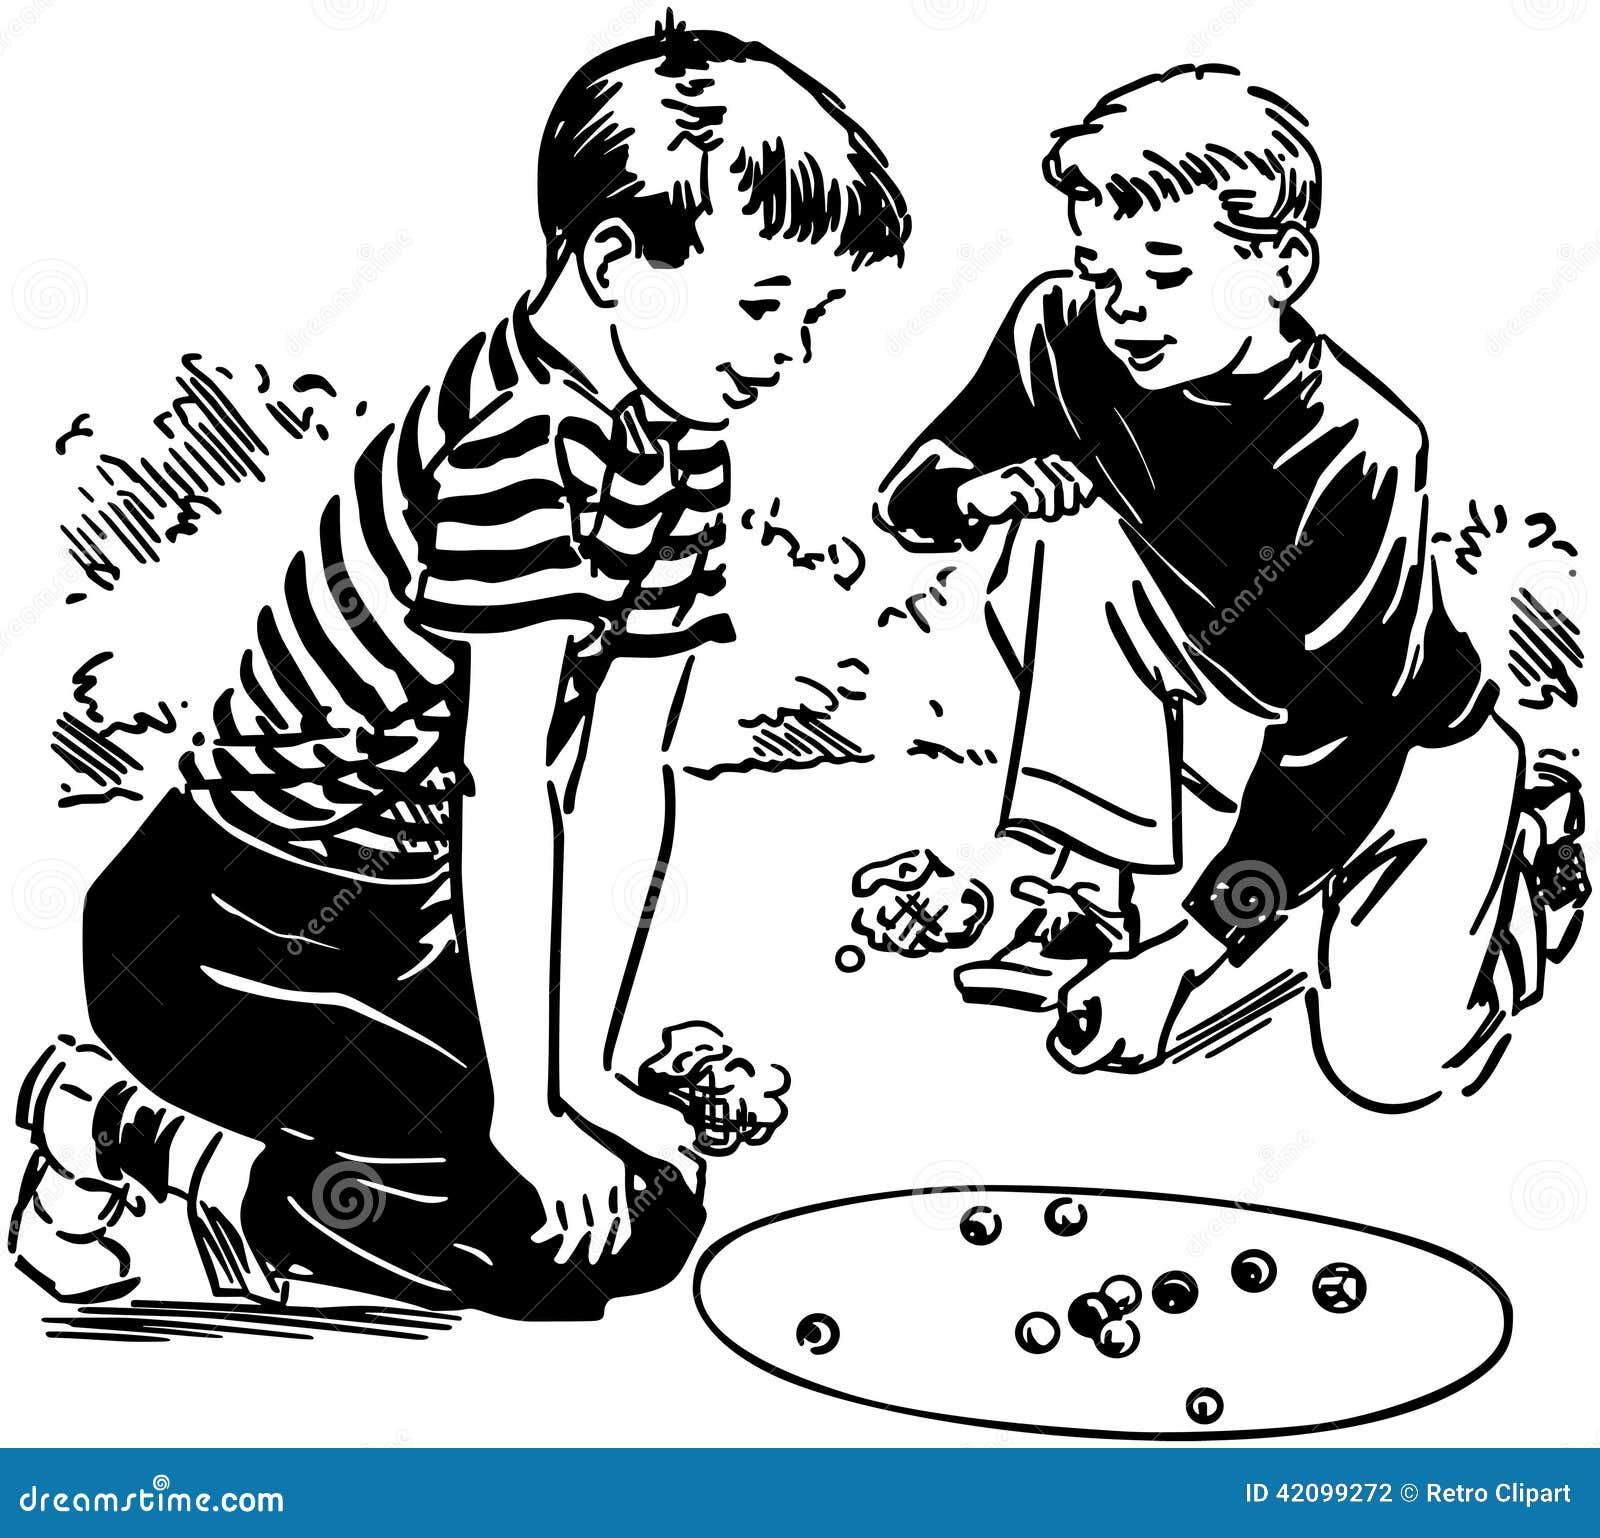 malvorlagen jungen kostenlos spielen  malvorlagen kinder